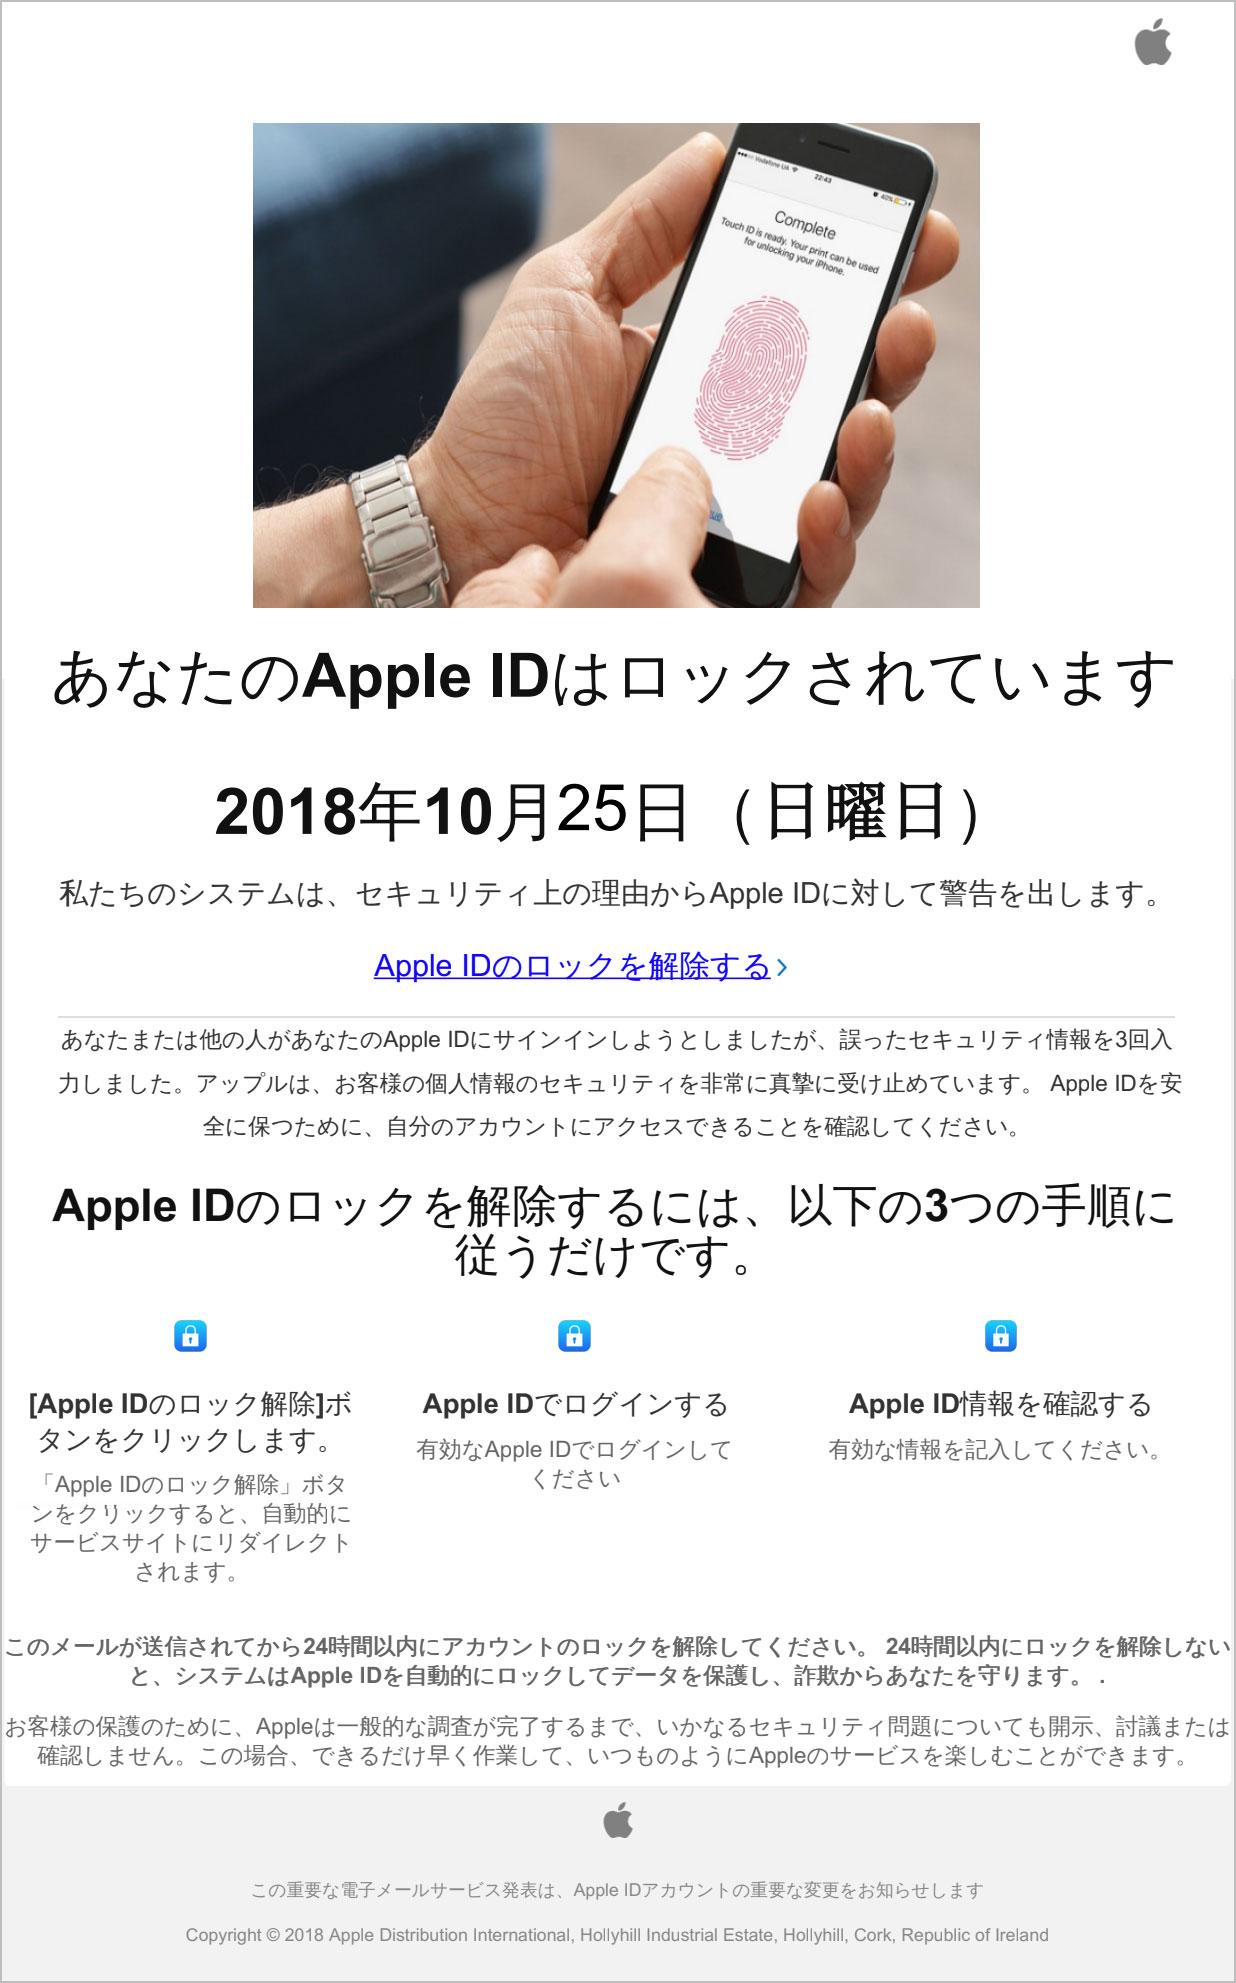 は アップル アイディー と